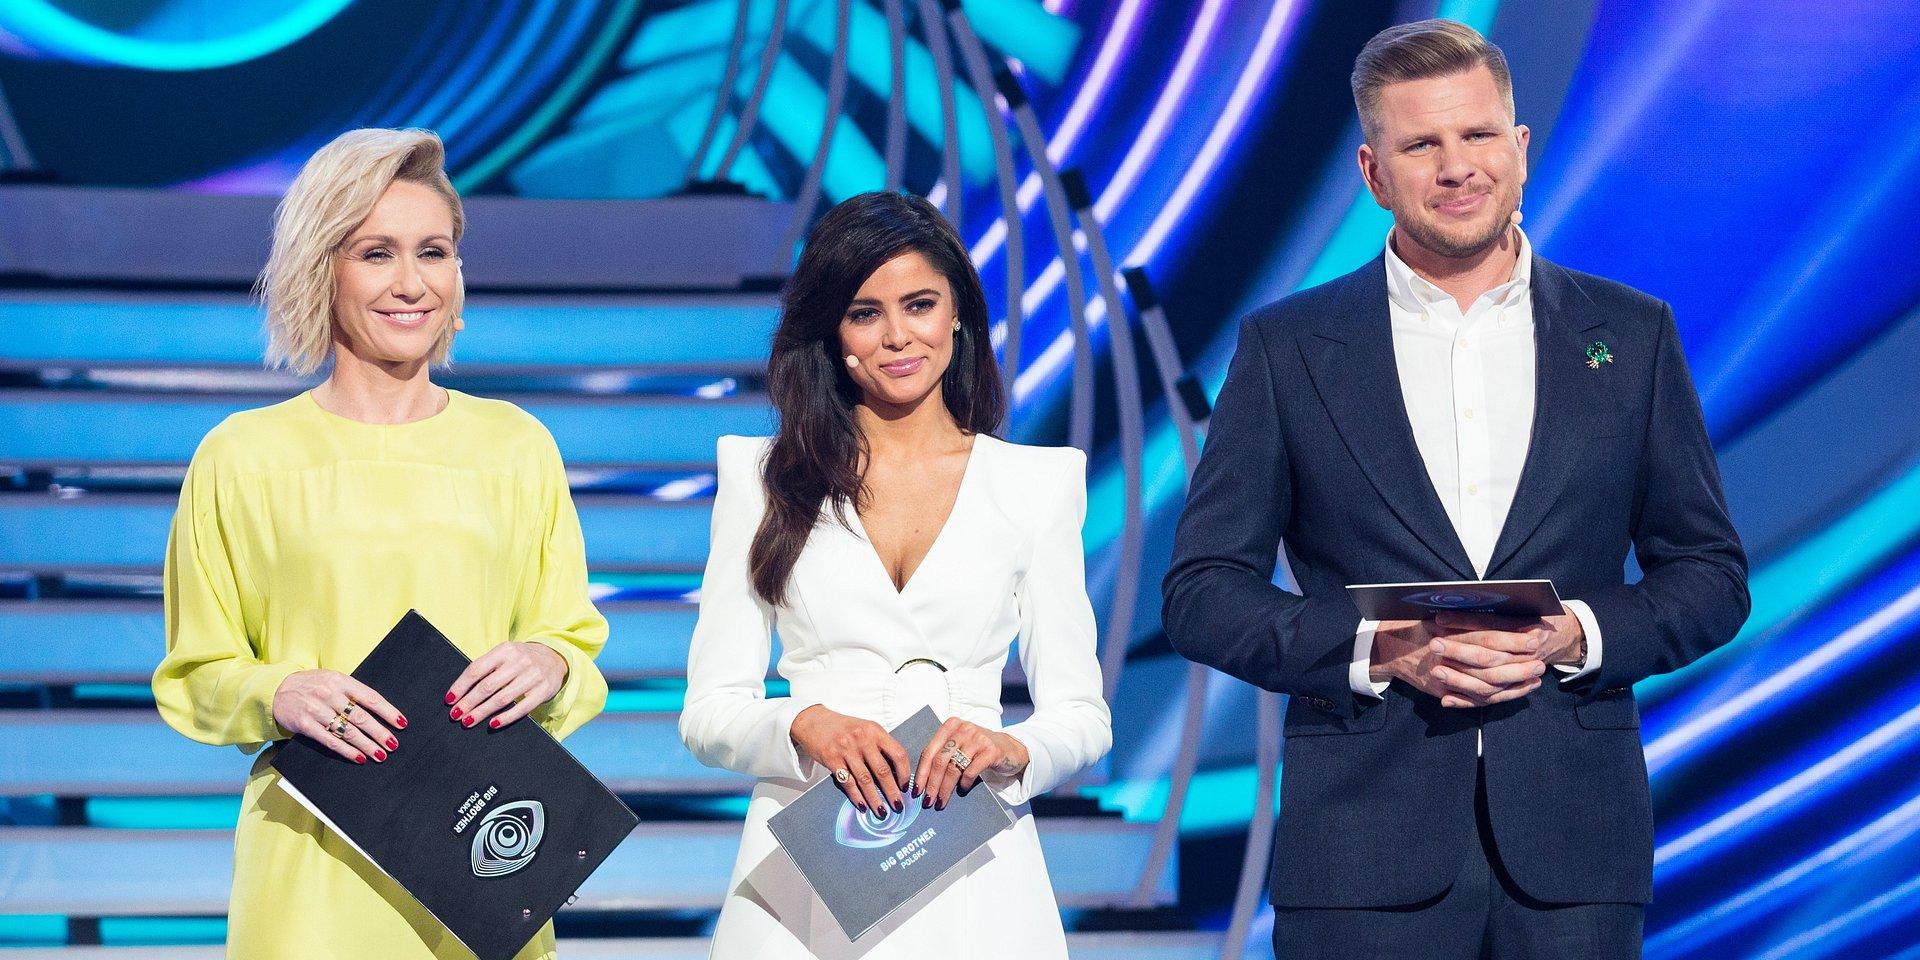 Finał drugiej edycji programu Big Brother już w najbliższą niedzielę w TVN7!